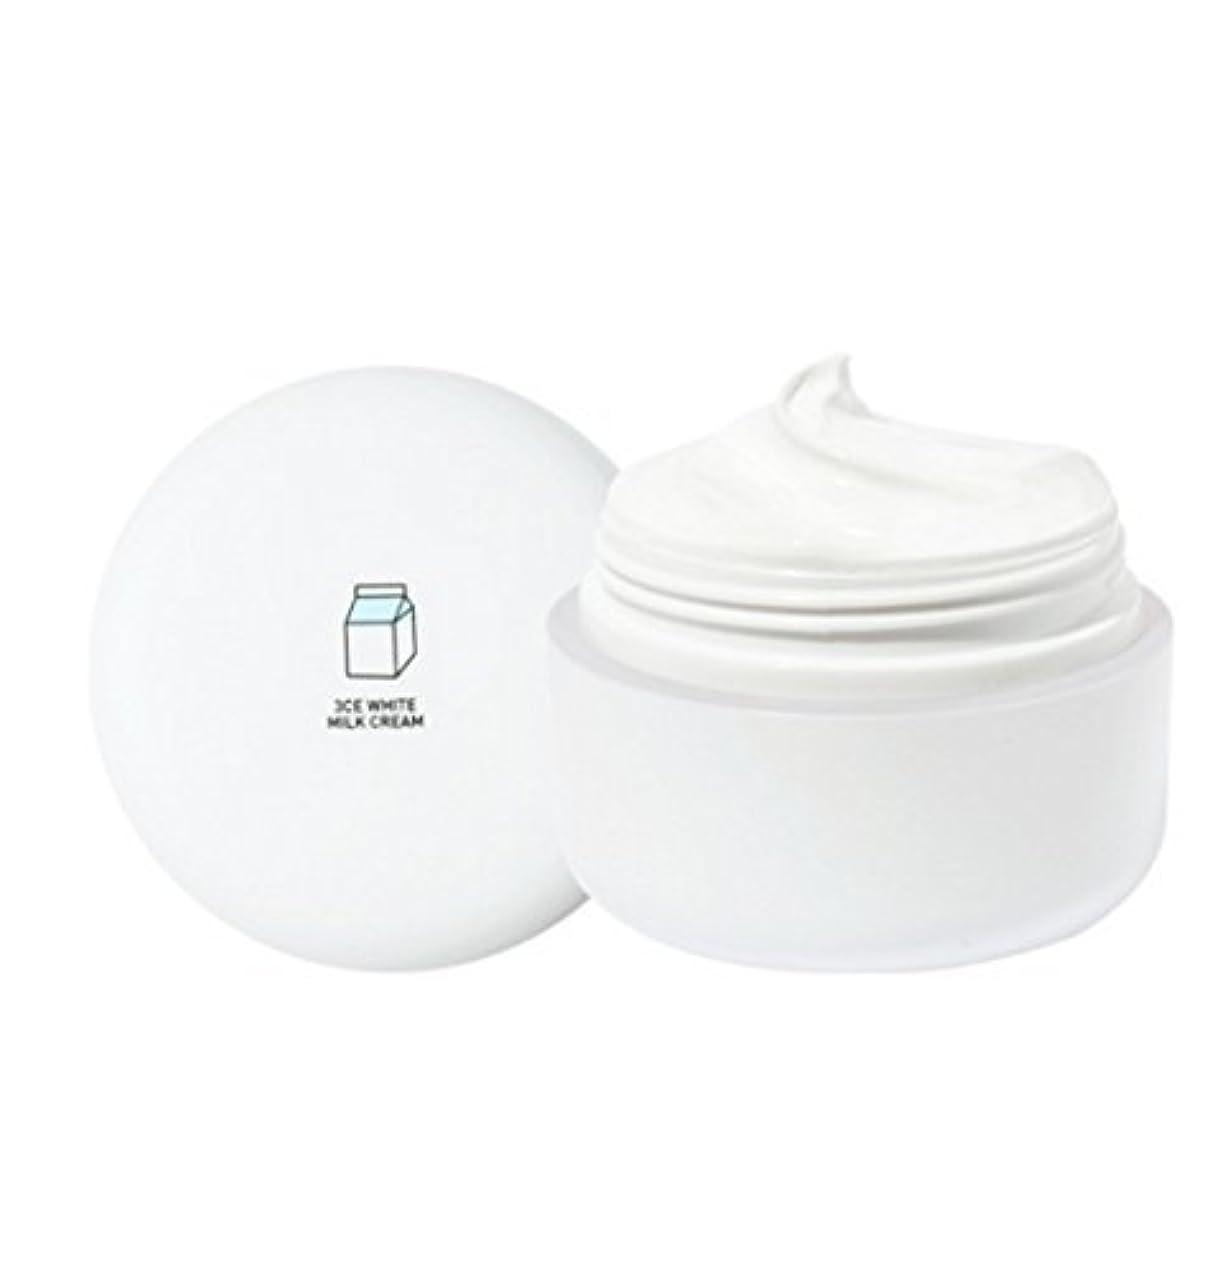 シャワー男性チャップスリーコンセプトアイズ ホワイトミルククリーム ウユクリーム 50ml[392199][並行輸入品]